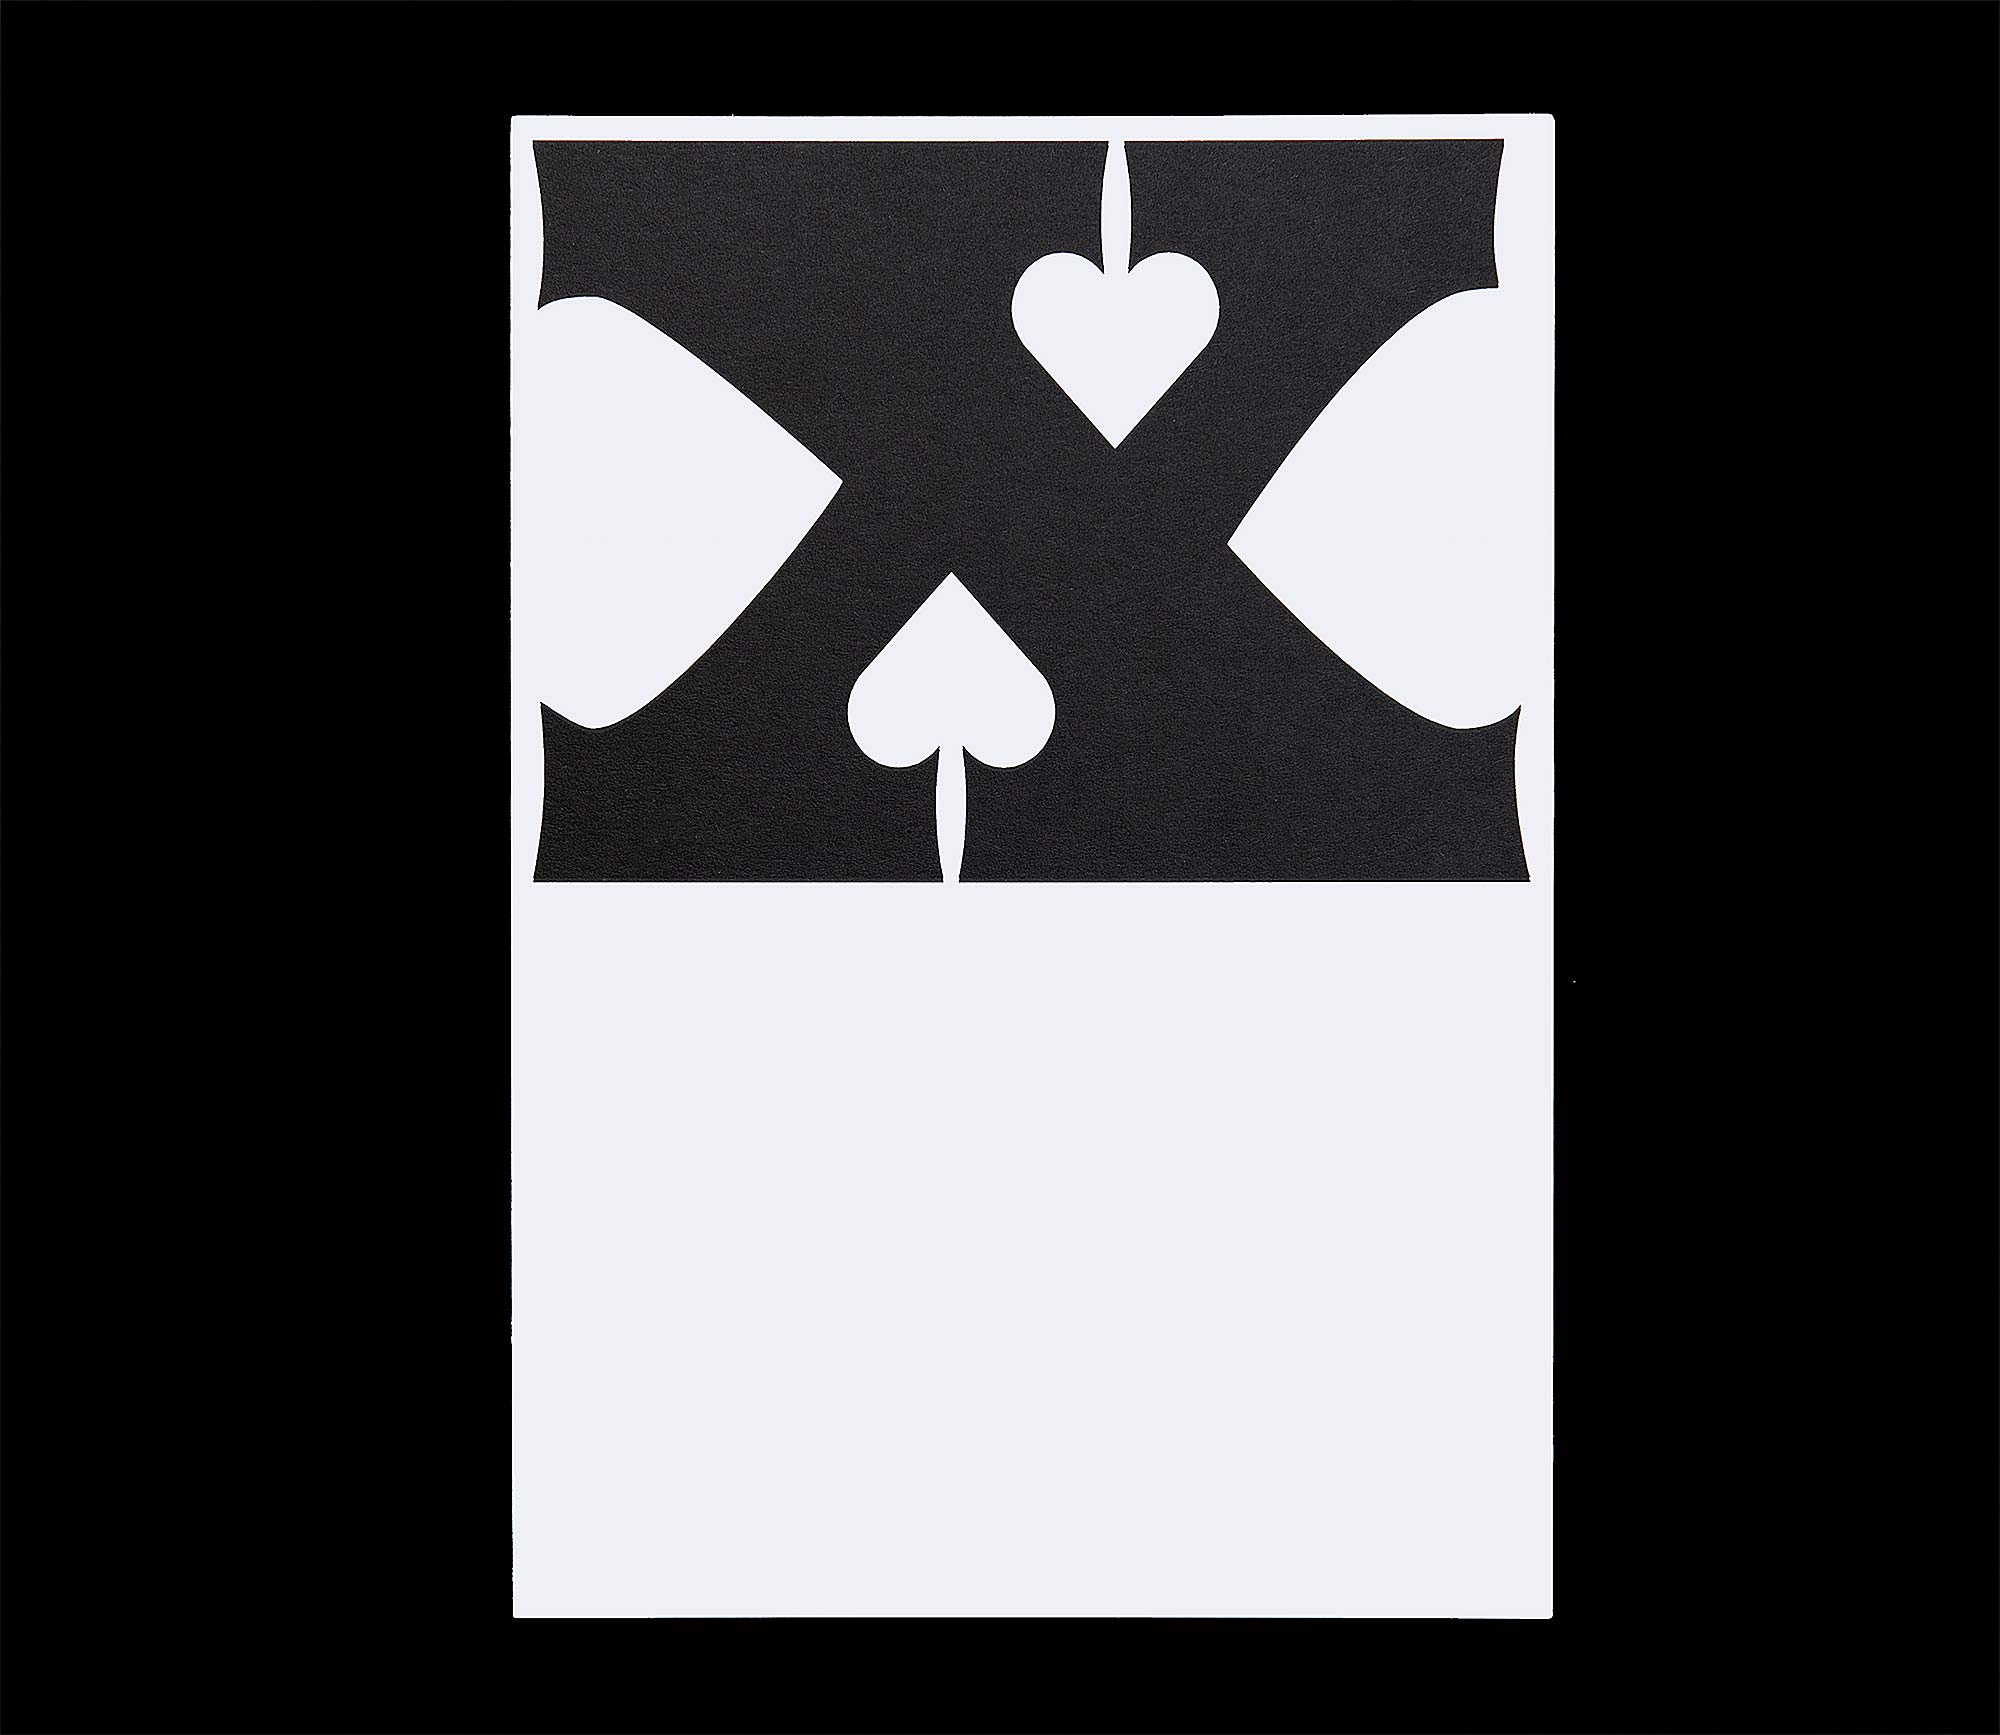 Matthijs van Leeuwen, Matt van Leeuwen, Mother Design, Lil Nas X, New York, Wrangler